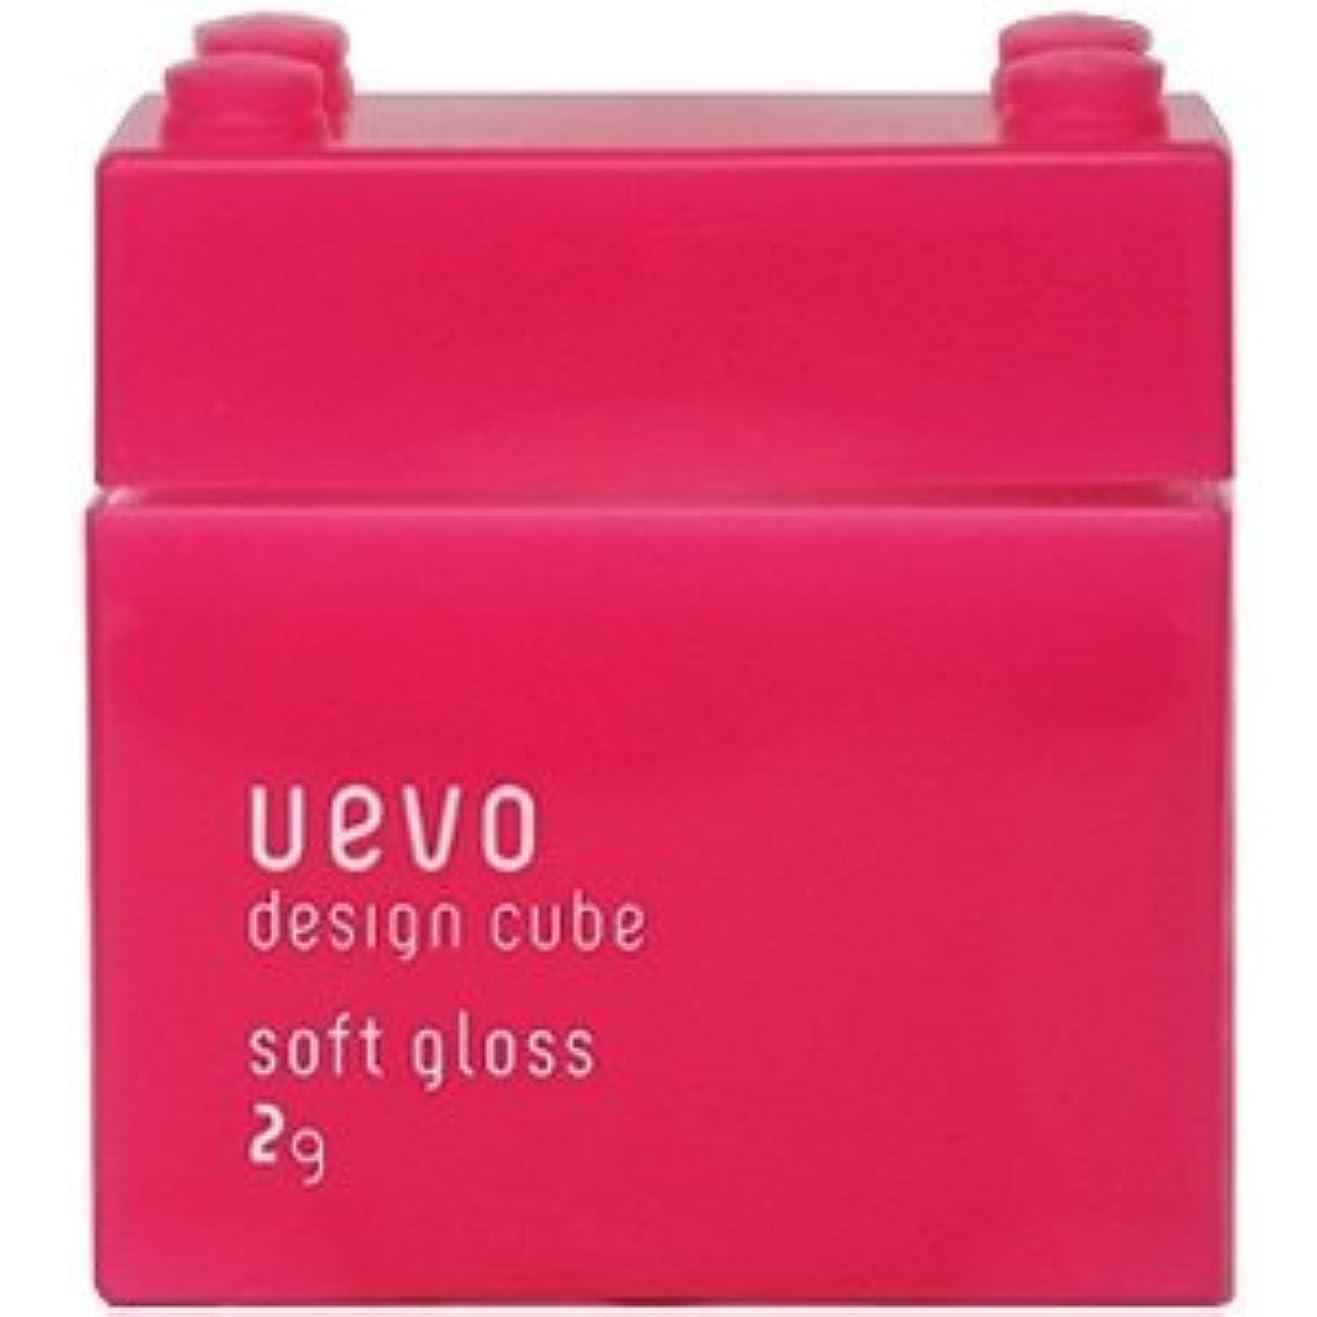 監査悩み追放【X2個セット】 デミ ウェーボ デザインキューブ ソフトグロス 80g soft gloss DEMI uevo design cube